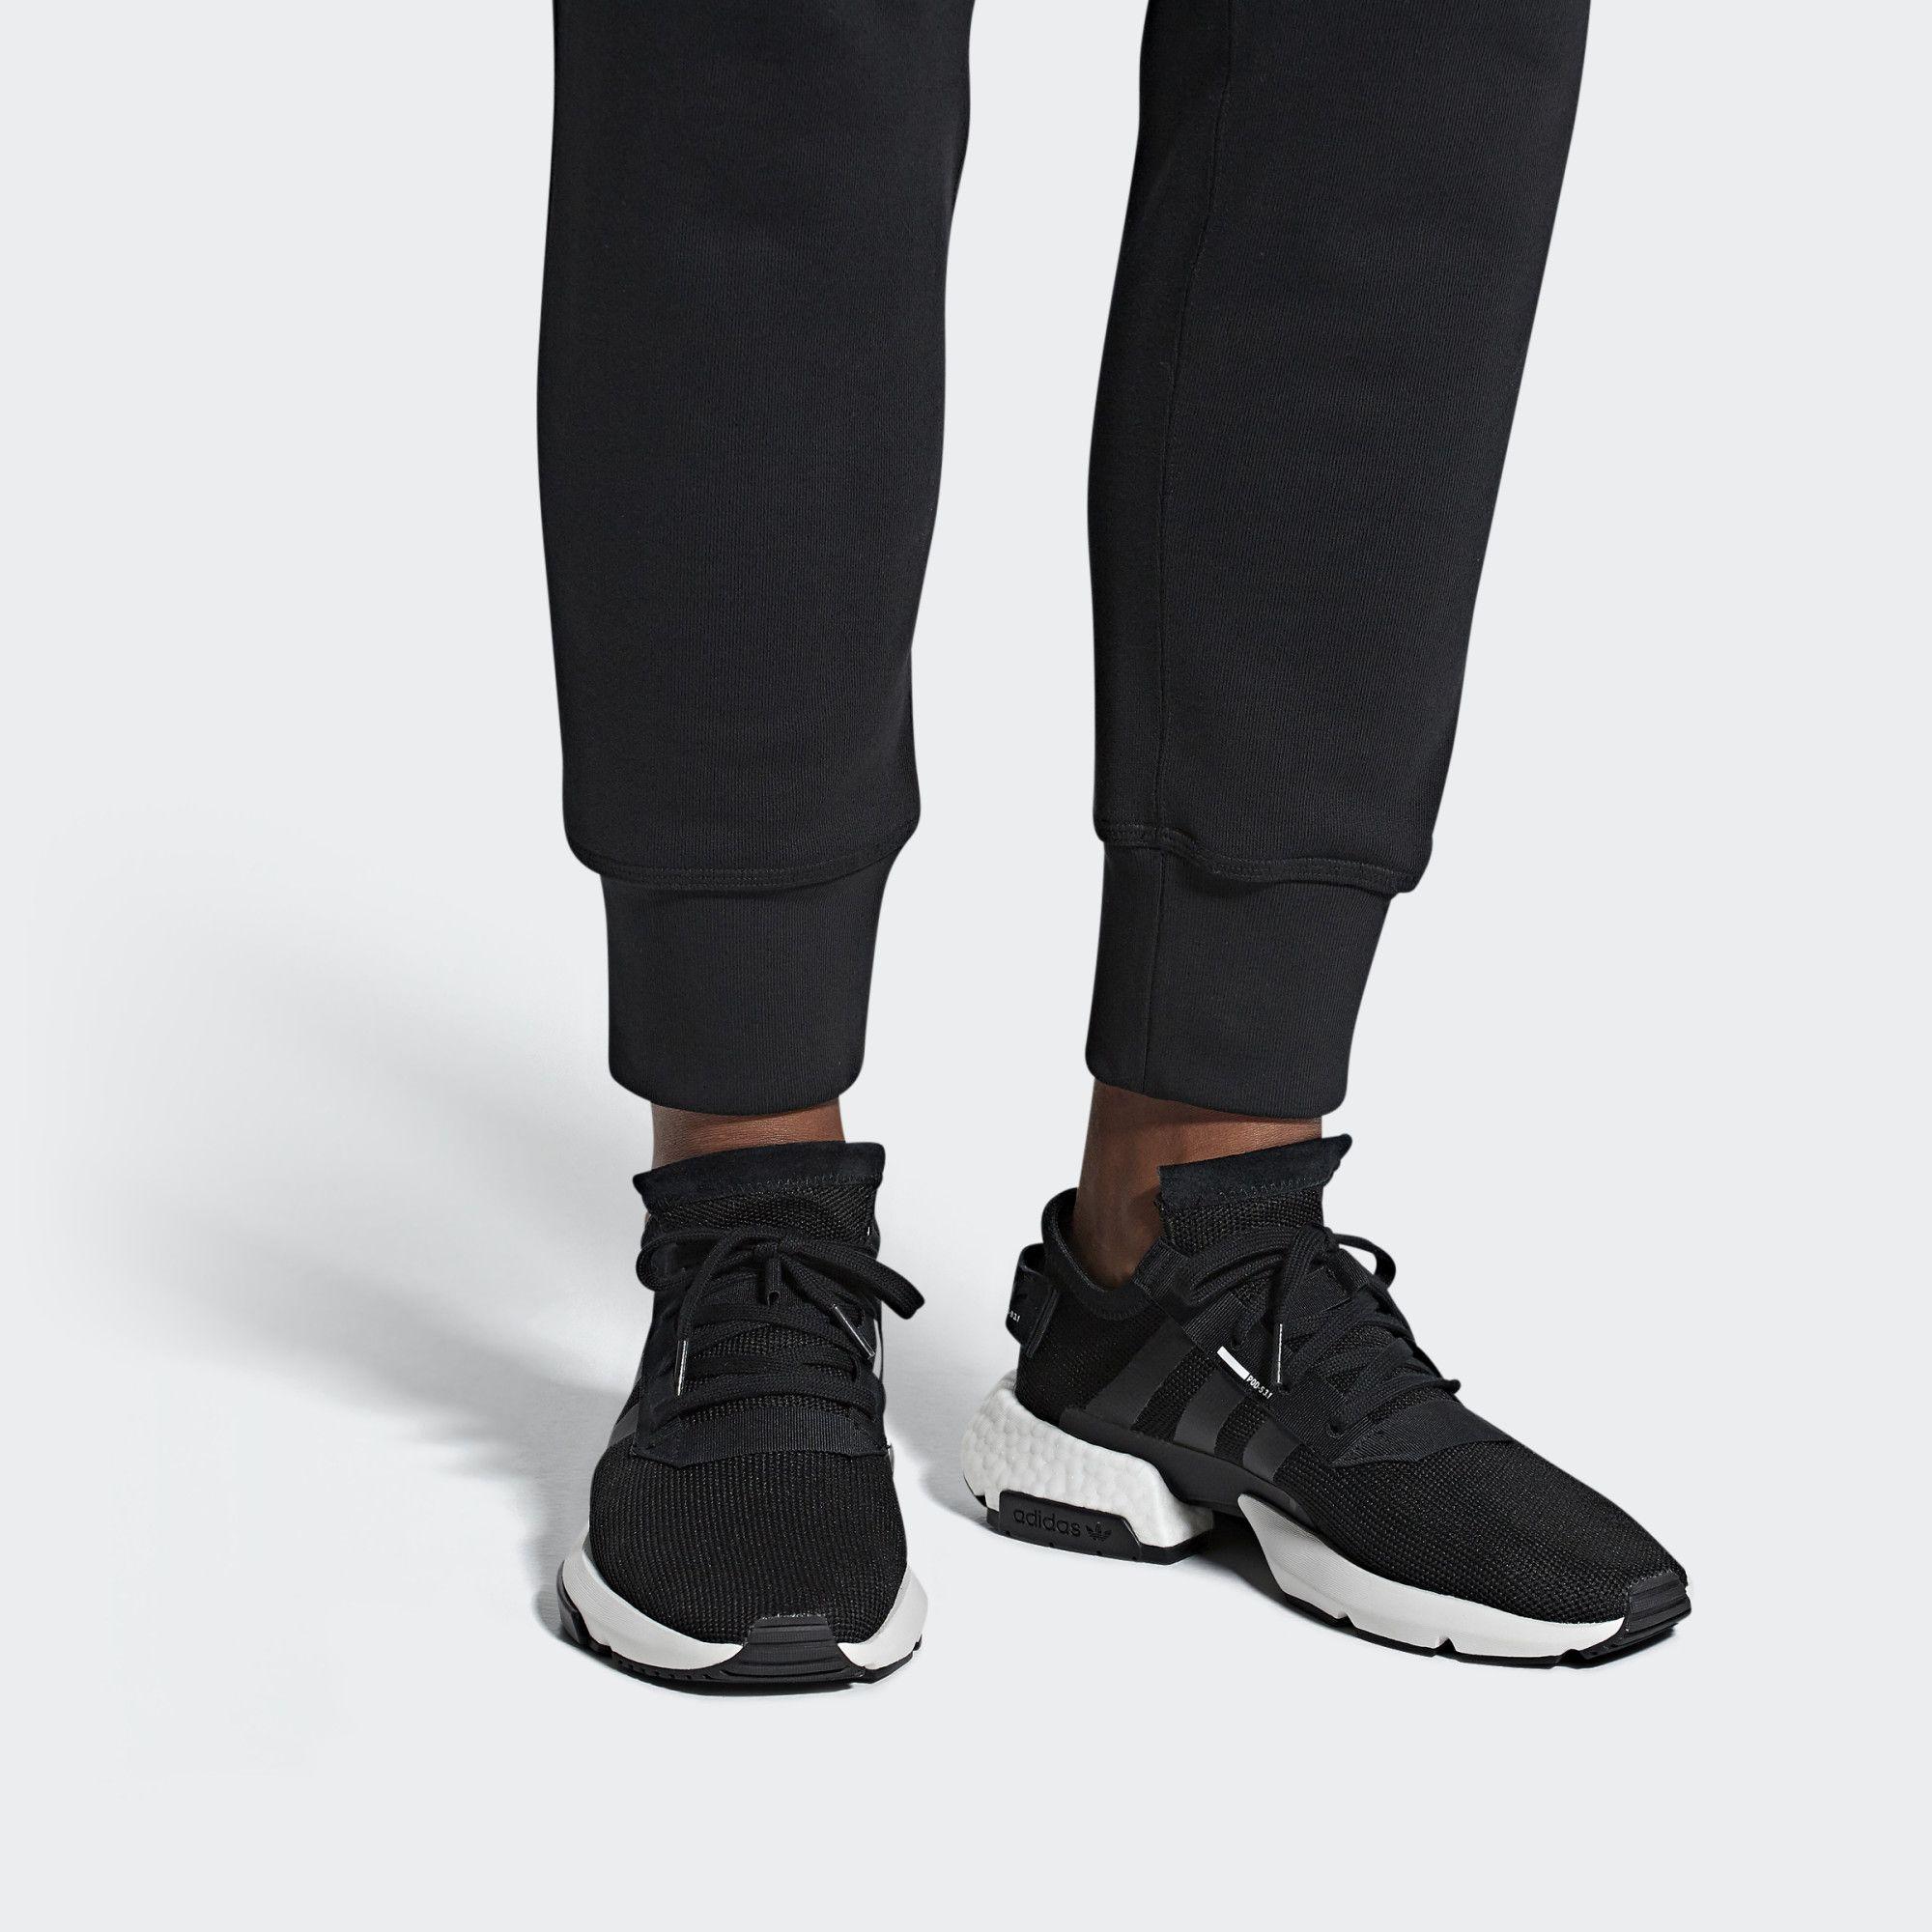 Pod S3 1 Shoes Black Adidas Black Shoes Shoes